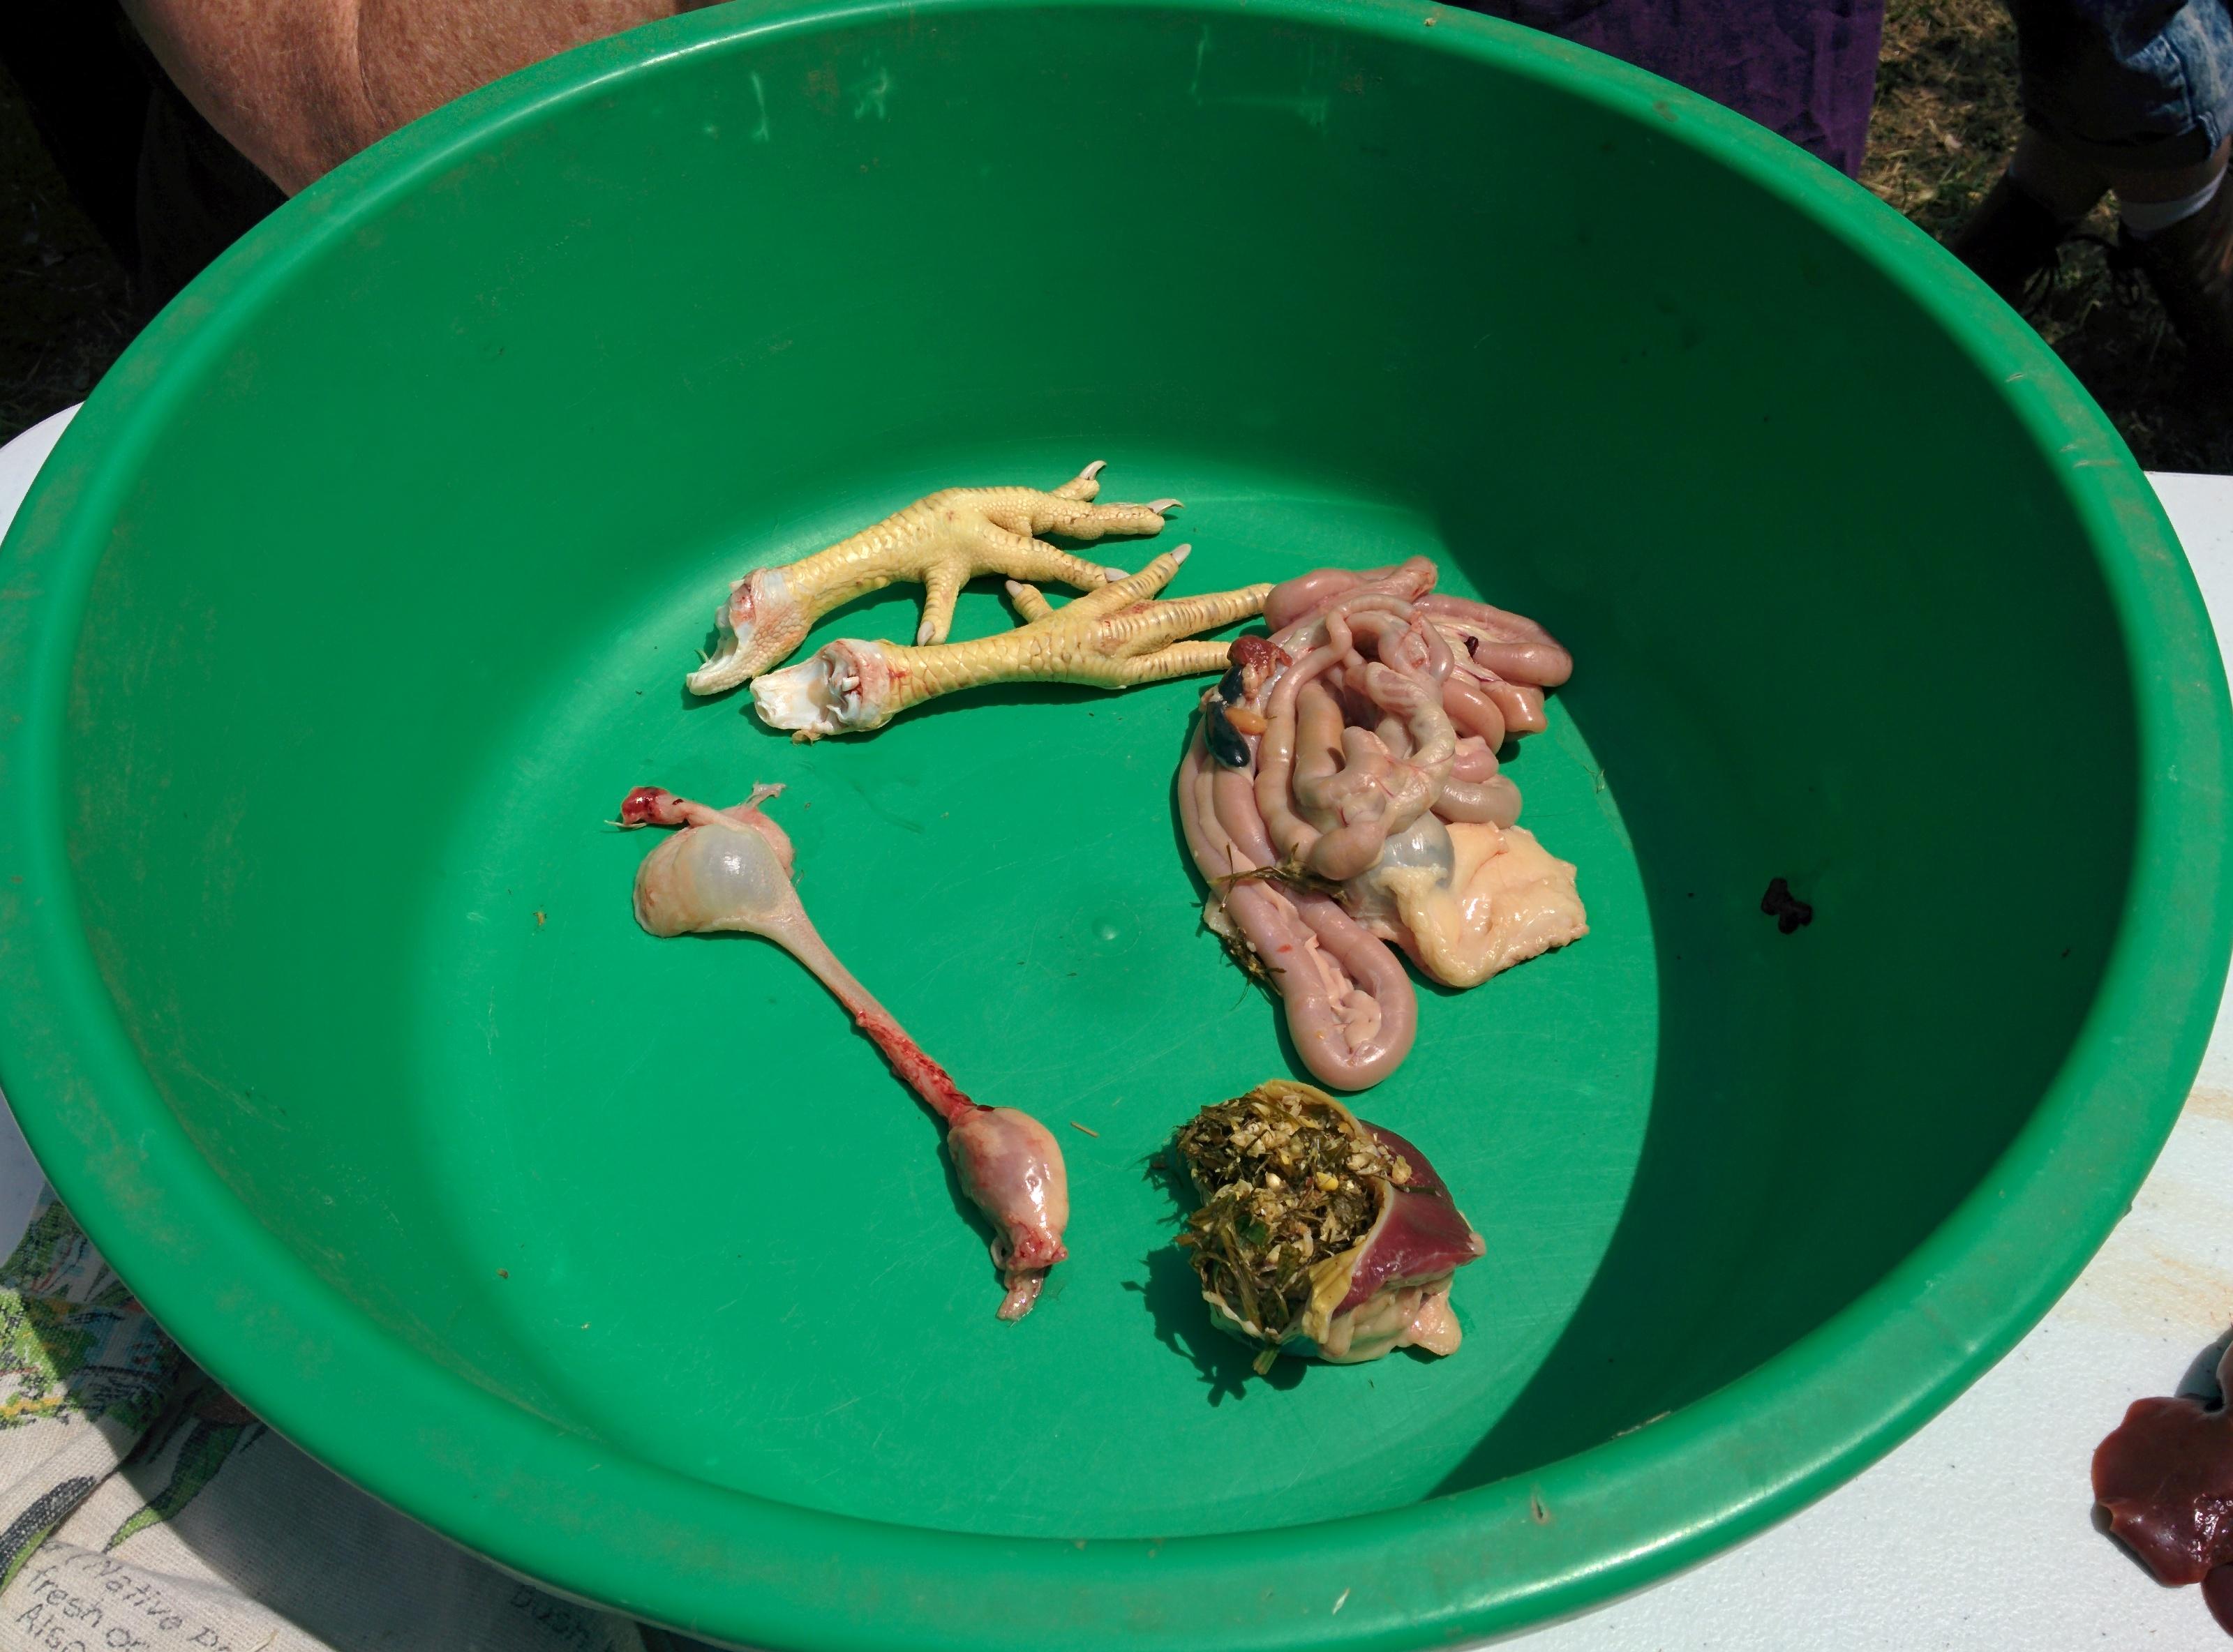 Chicken organs.